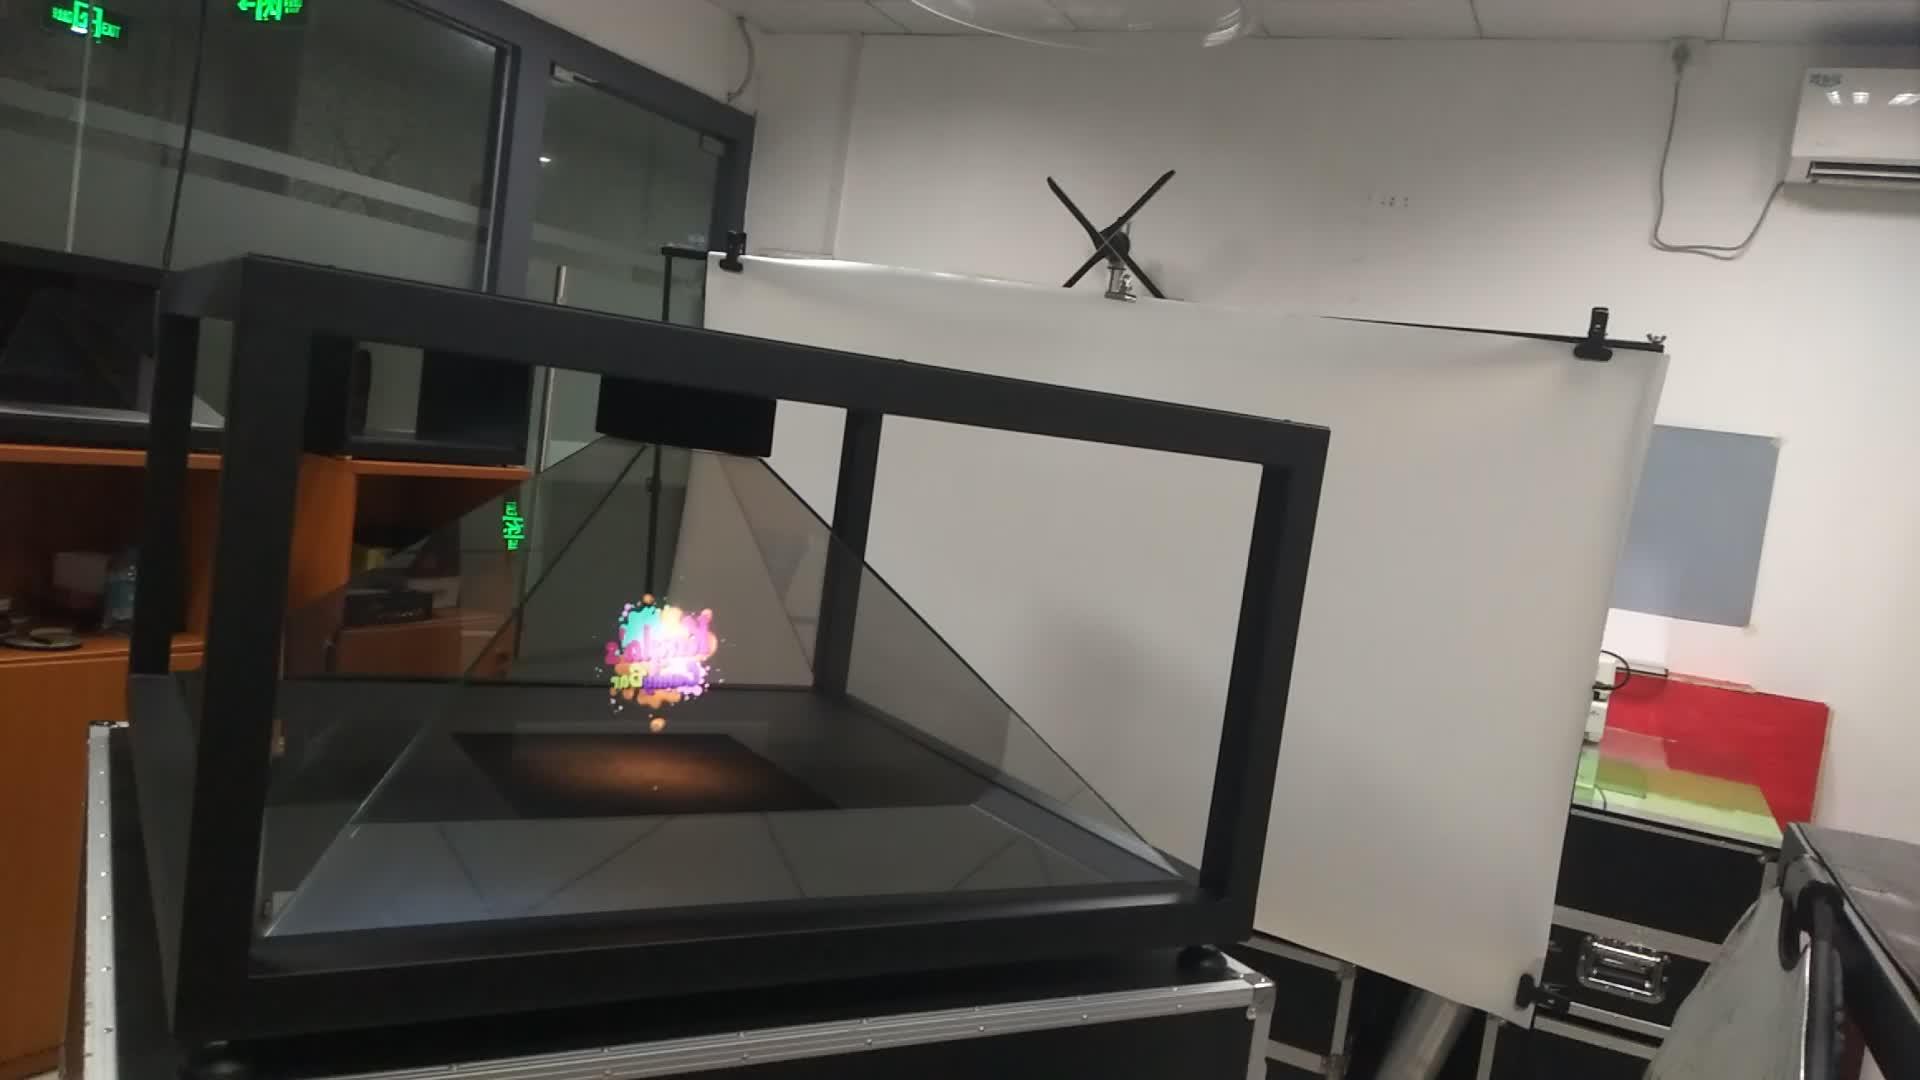 Büyük 4 Taraf Hologram Projektör, 100x100 cm Yüksek End Için Holografik 3d Piramit Ekran Video, sıcak Satış Avrupa'ya